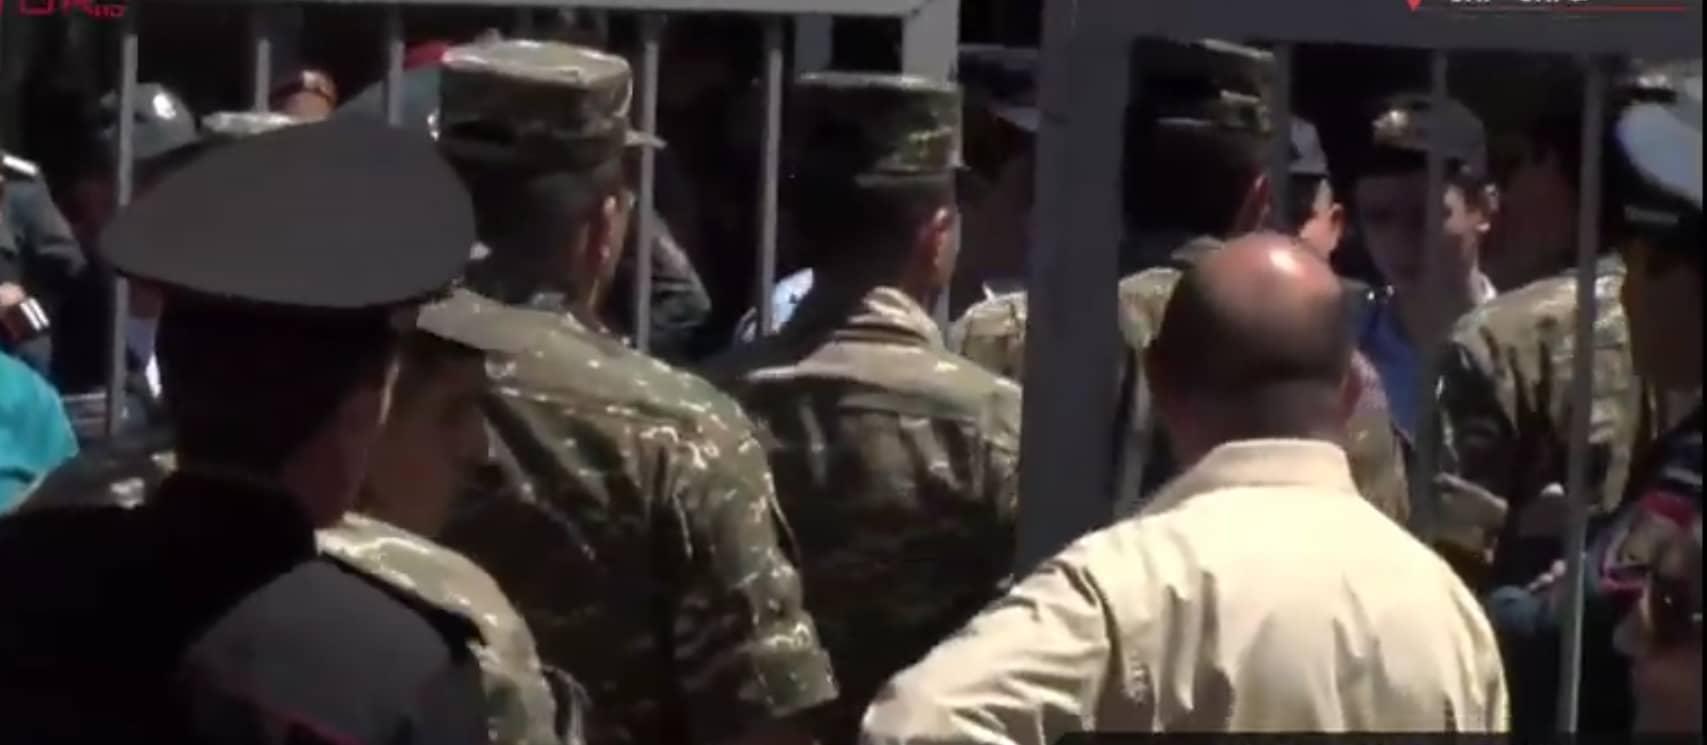 Քիչ առաջ զինվորականներ մուտք գործեցին Քոչարյանի գործը քննող դատարանի դարպասներից ներս